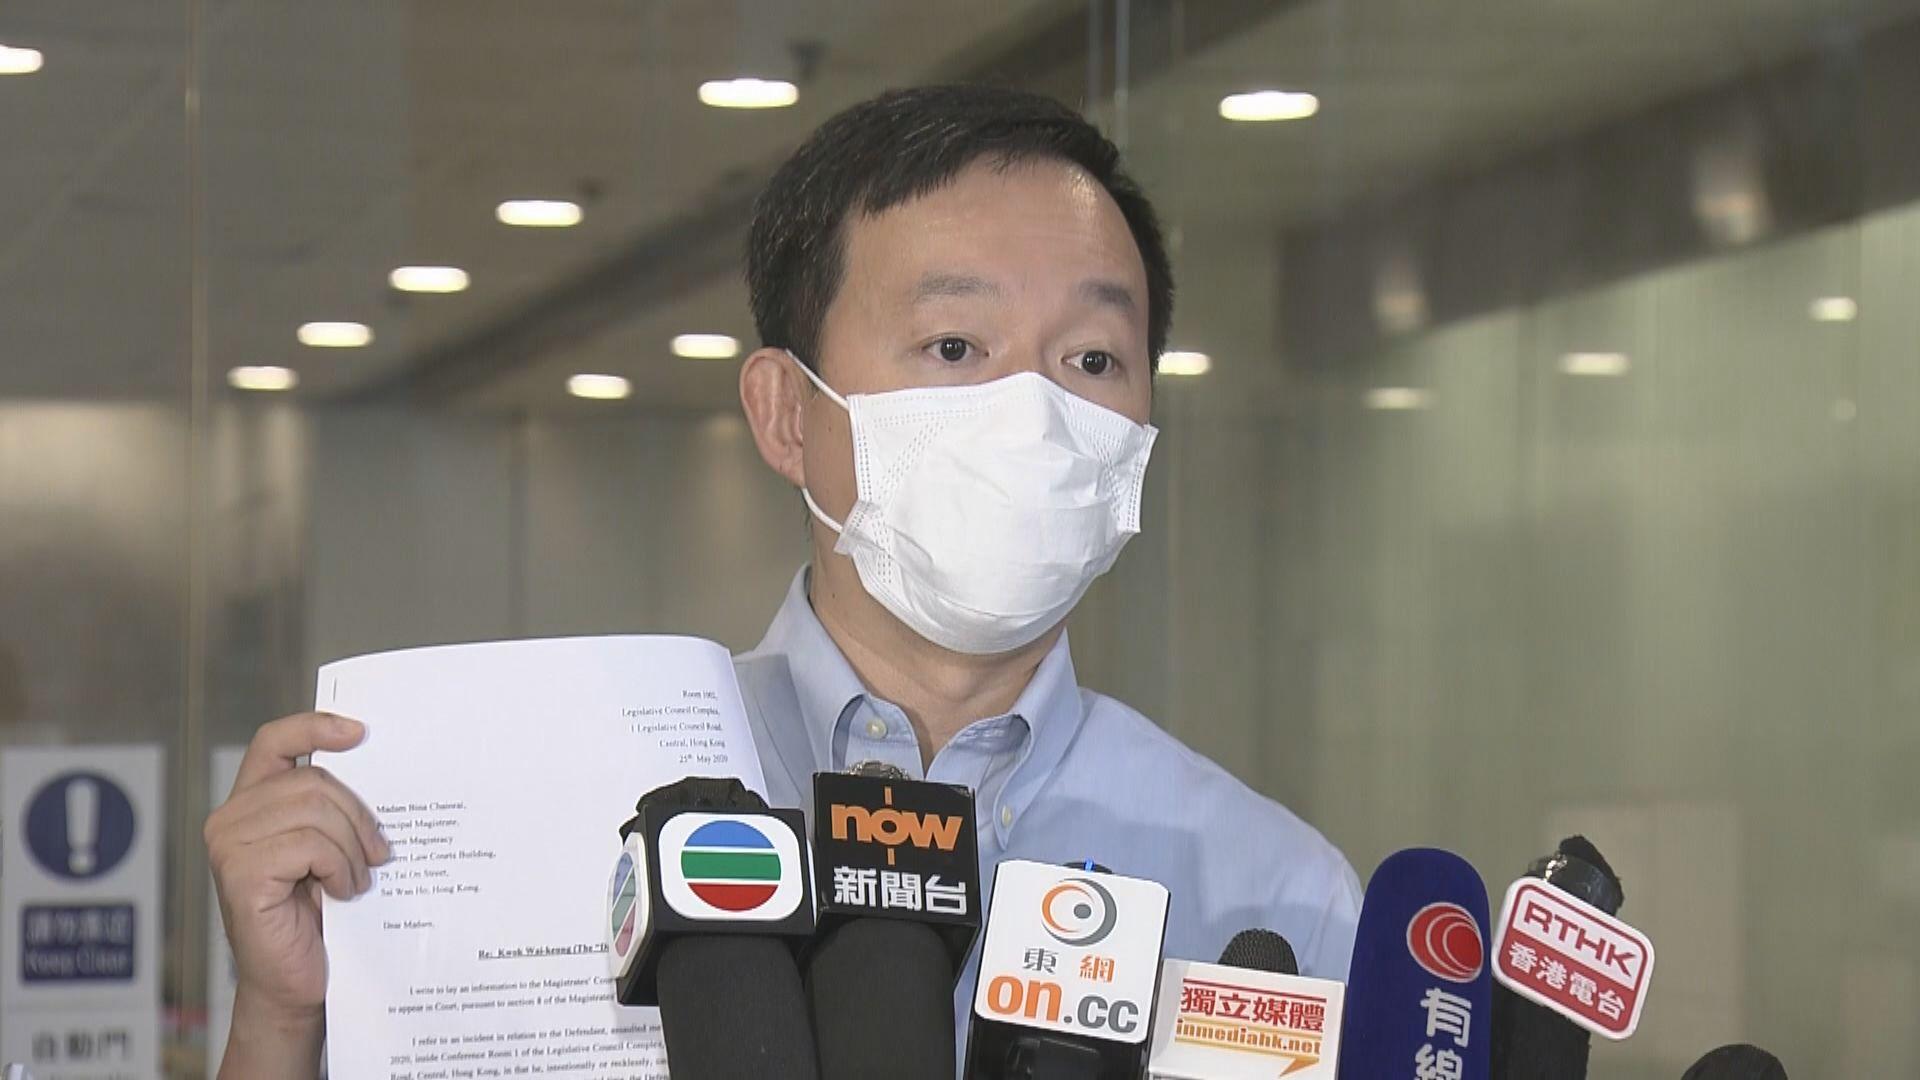 陳志全入稟私人檢控郭偉强普通襲擊